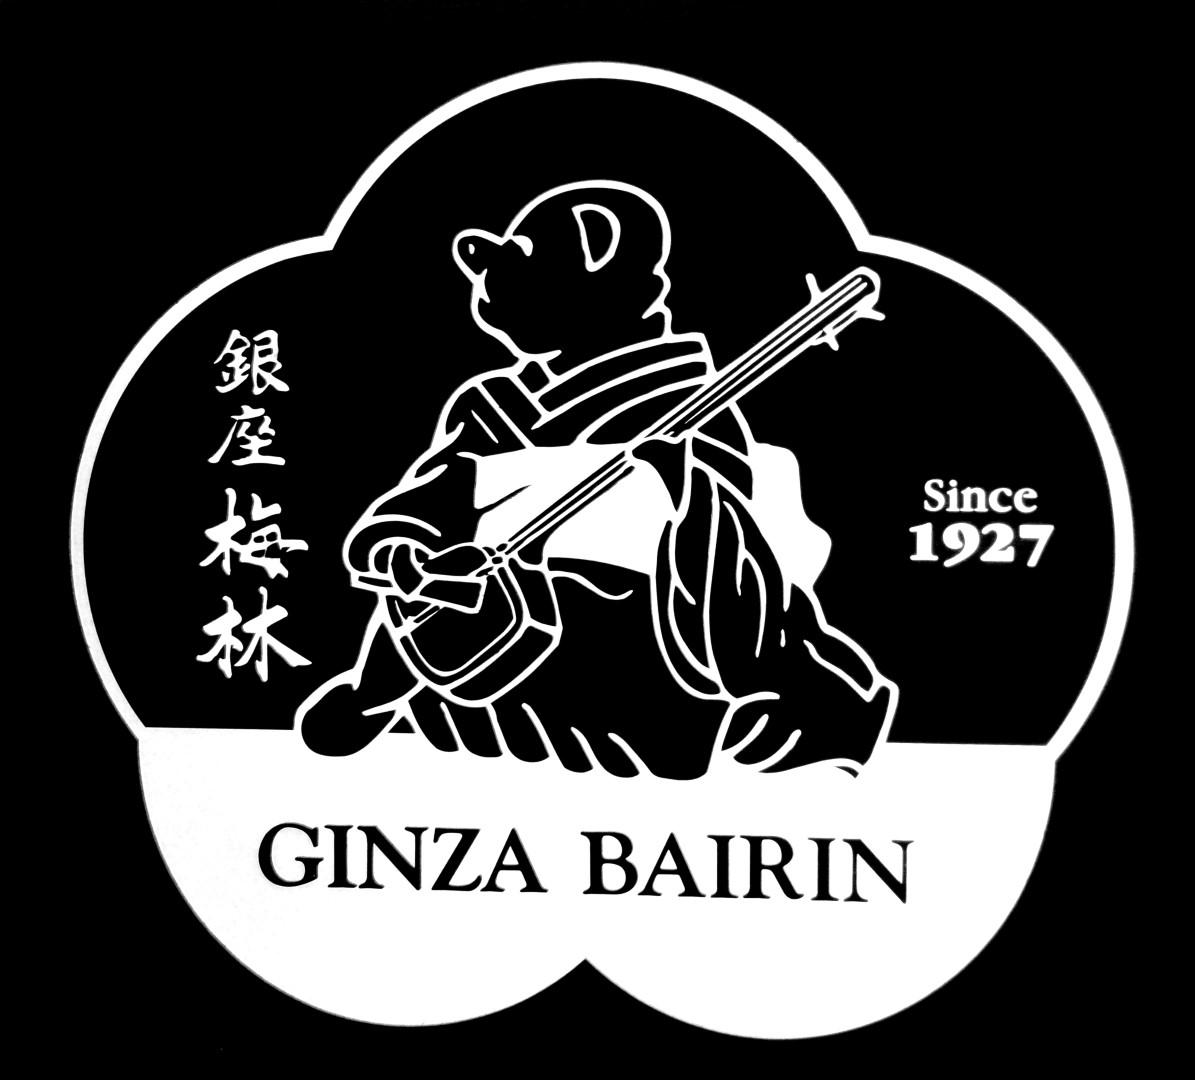 Ginza Bairin Katsudon i Decided to Give Ginza Bairin